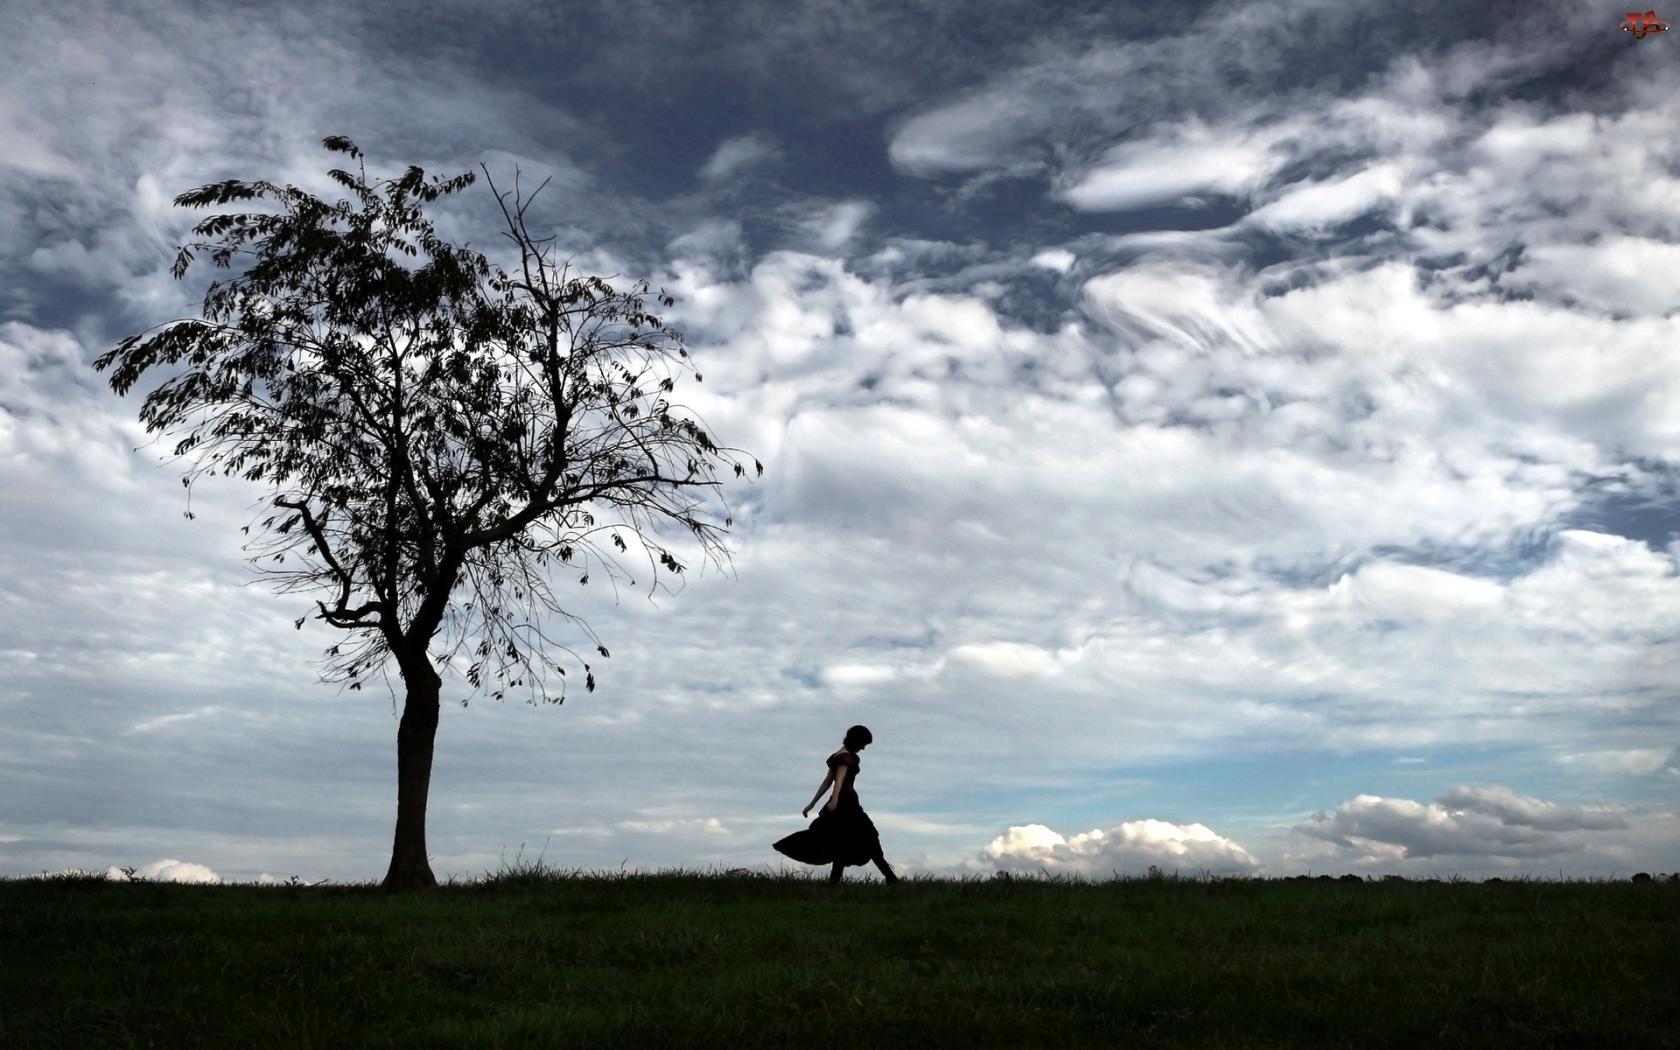 Łąka, Chmury, Kobieta, Drzewo